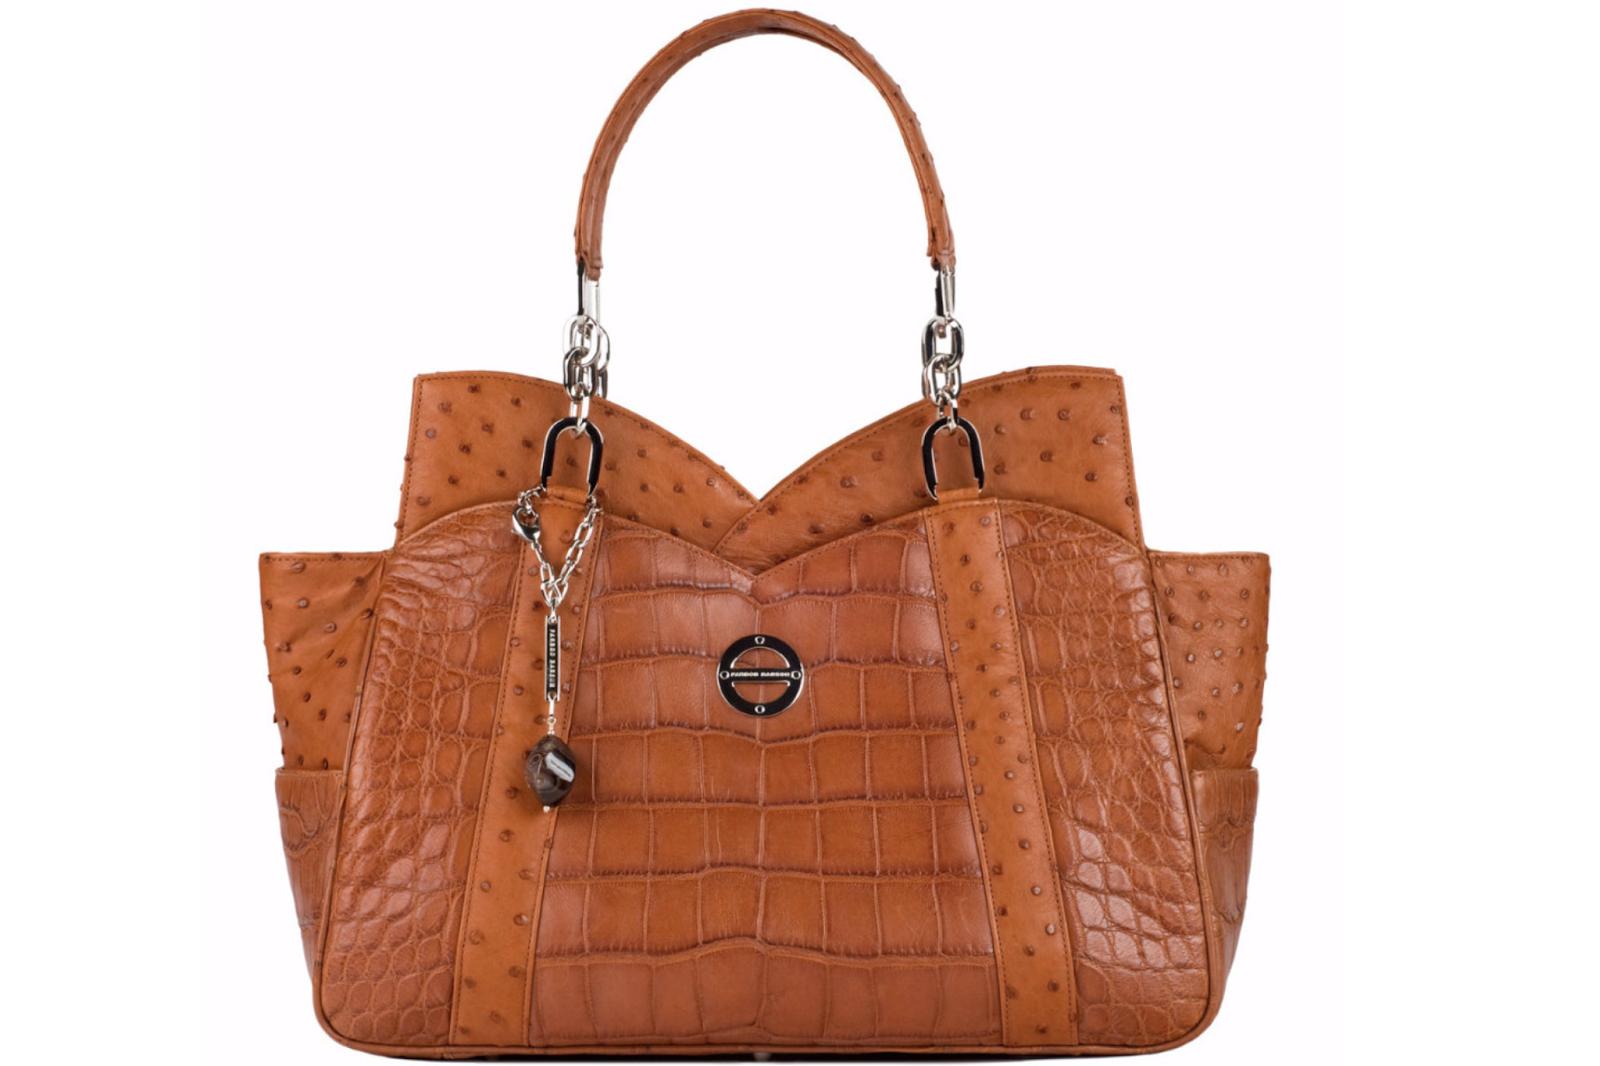 Mona Handbag